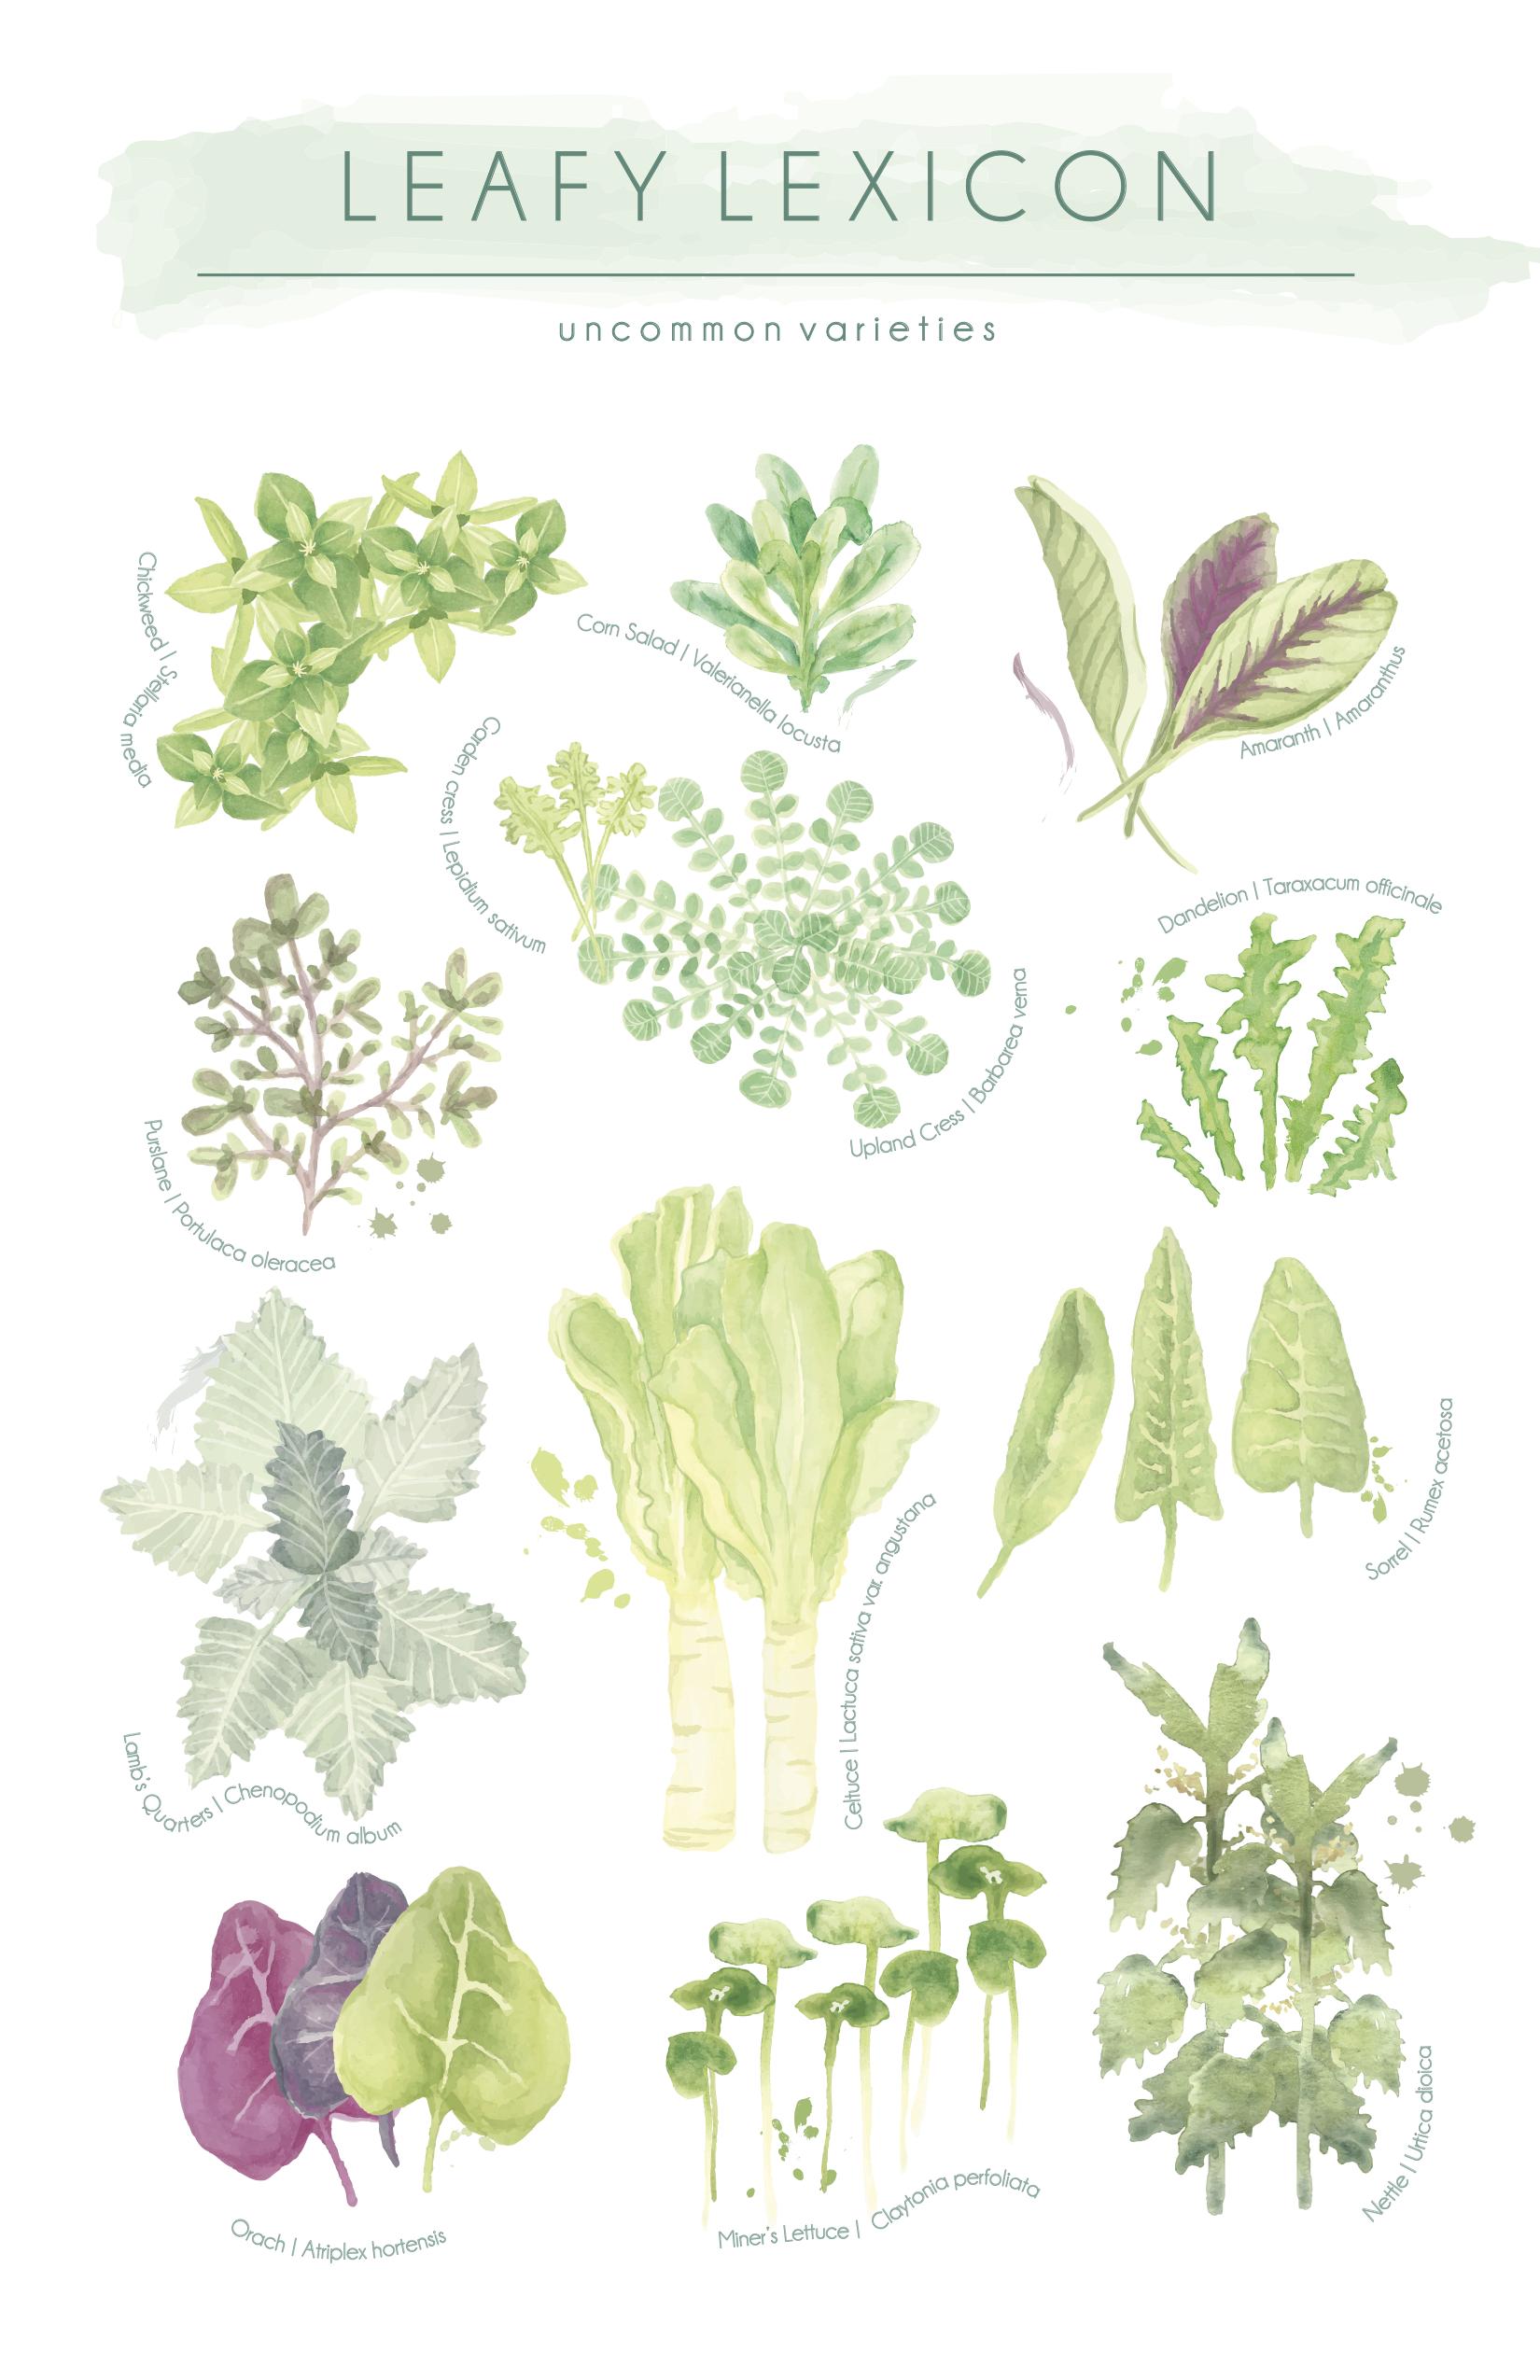 Leafy Lexicon